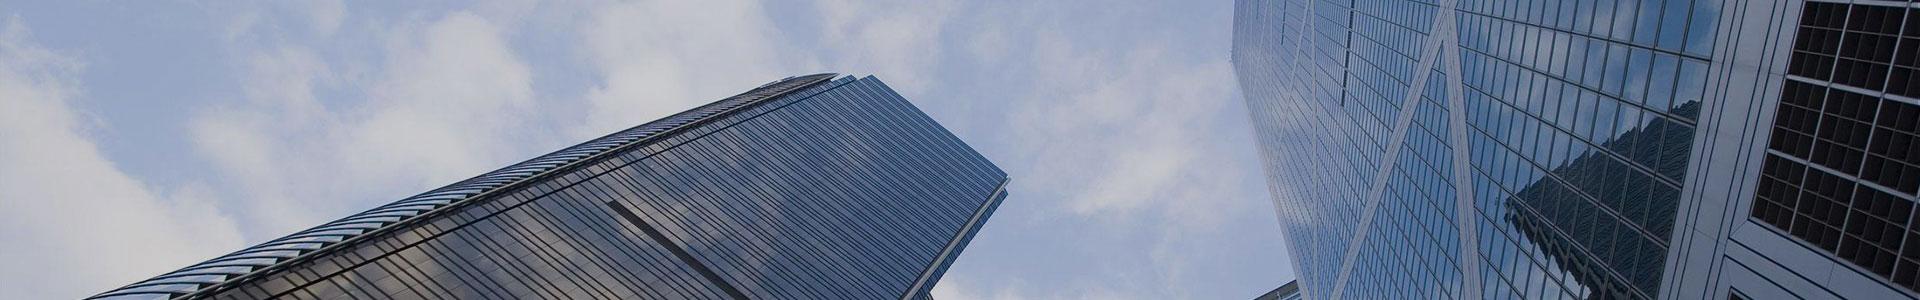 如何在青岛找到一家更好的专业活动策划公司?